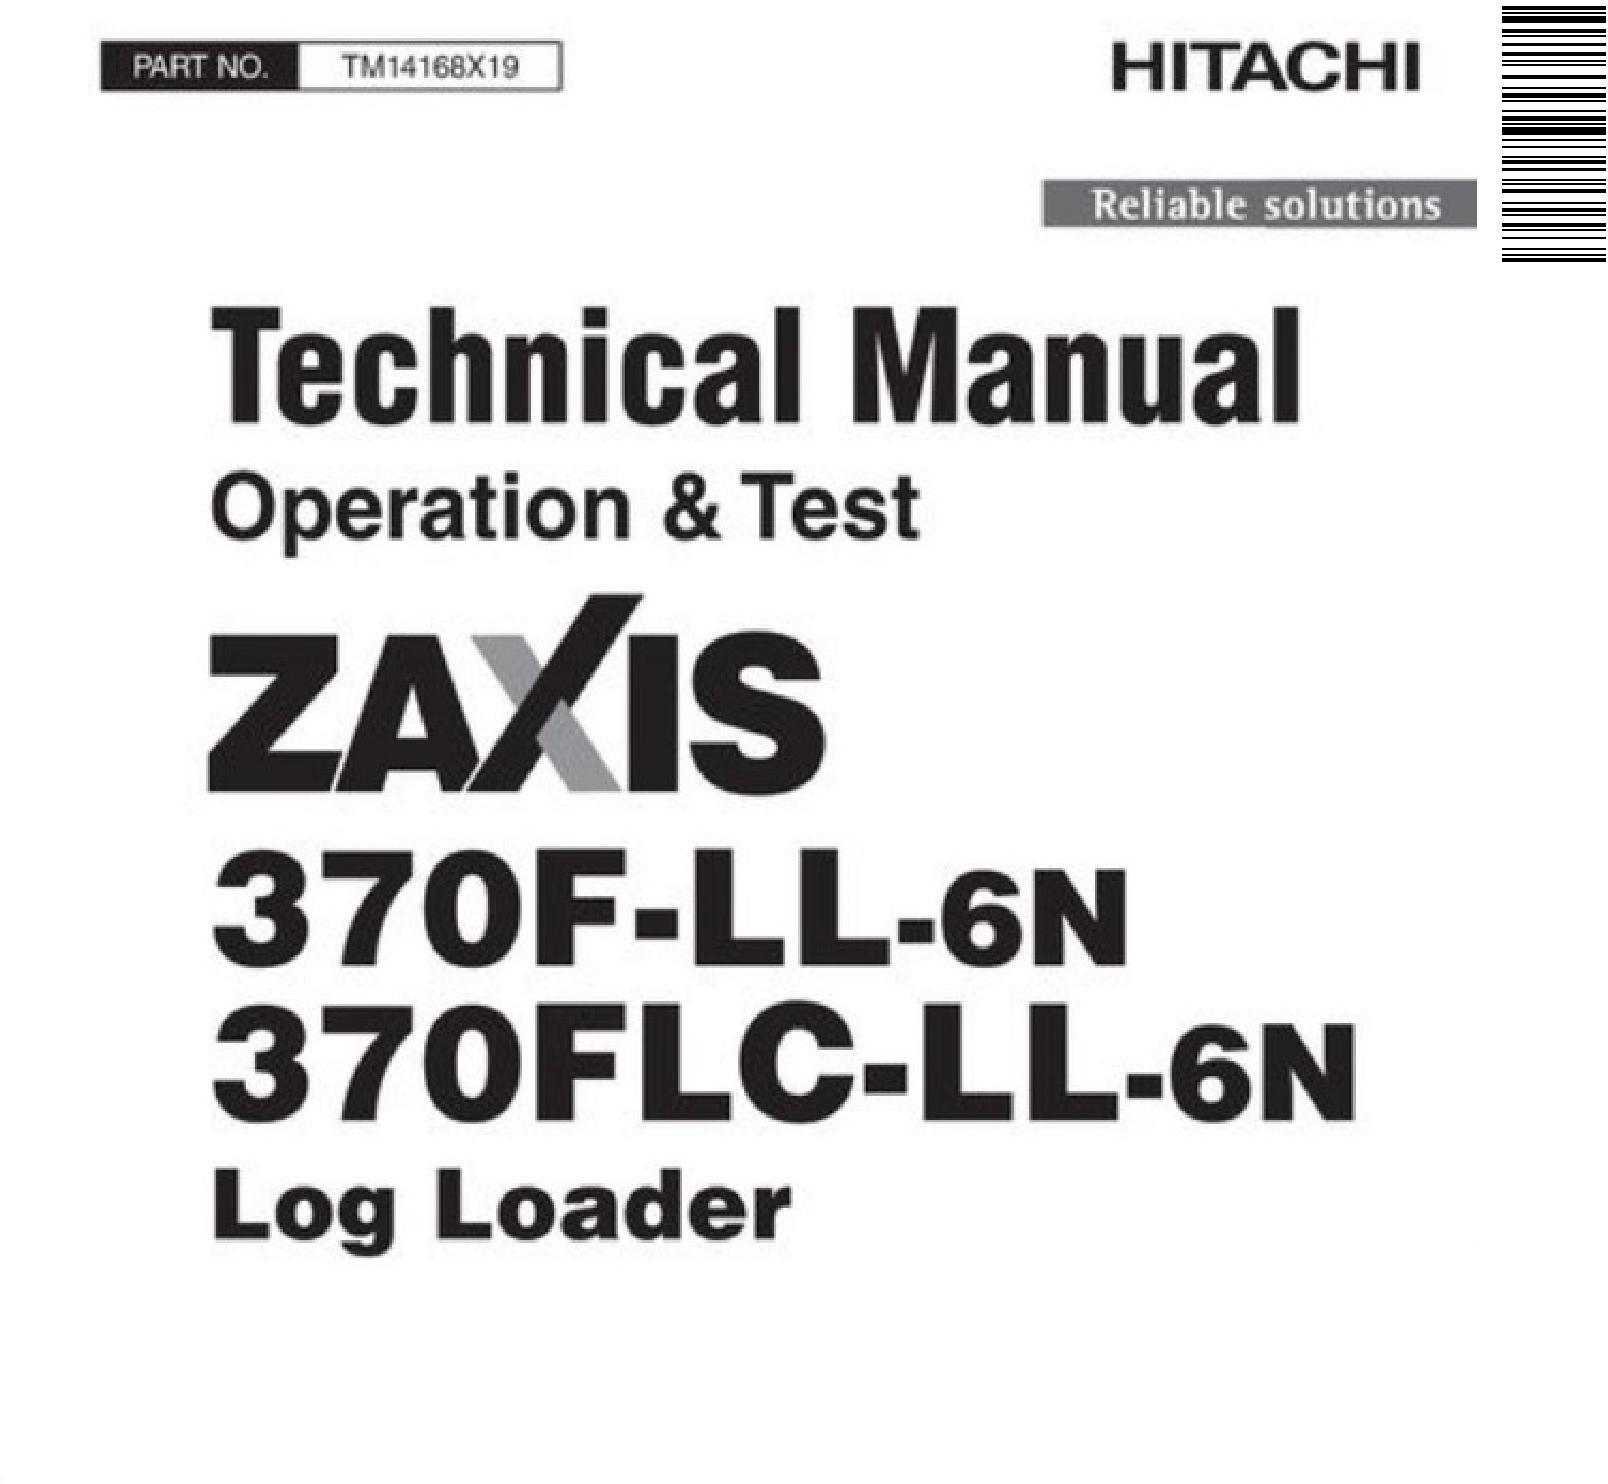 Hitachi Zaxis 370f Ll 6n 370flc Ll 6n Log Loader